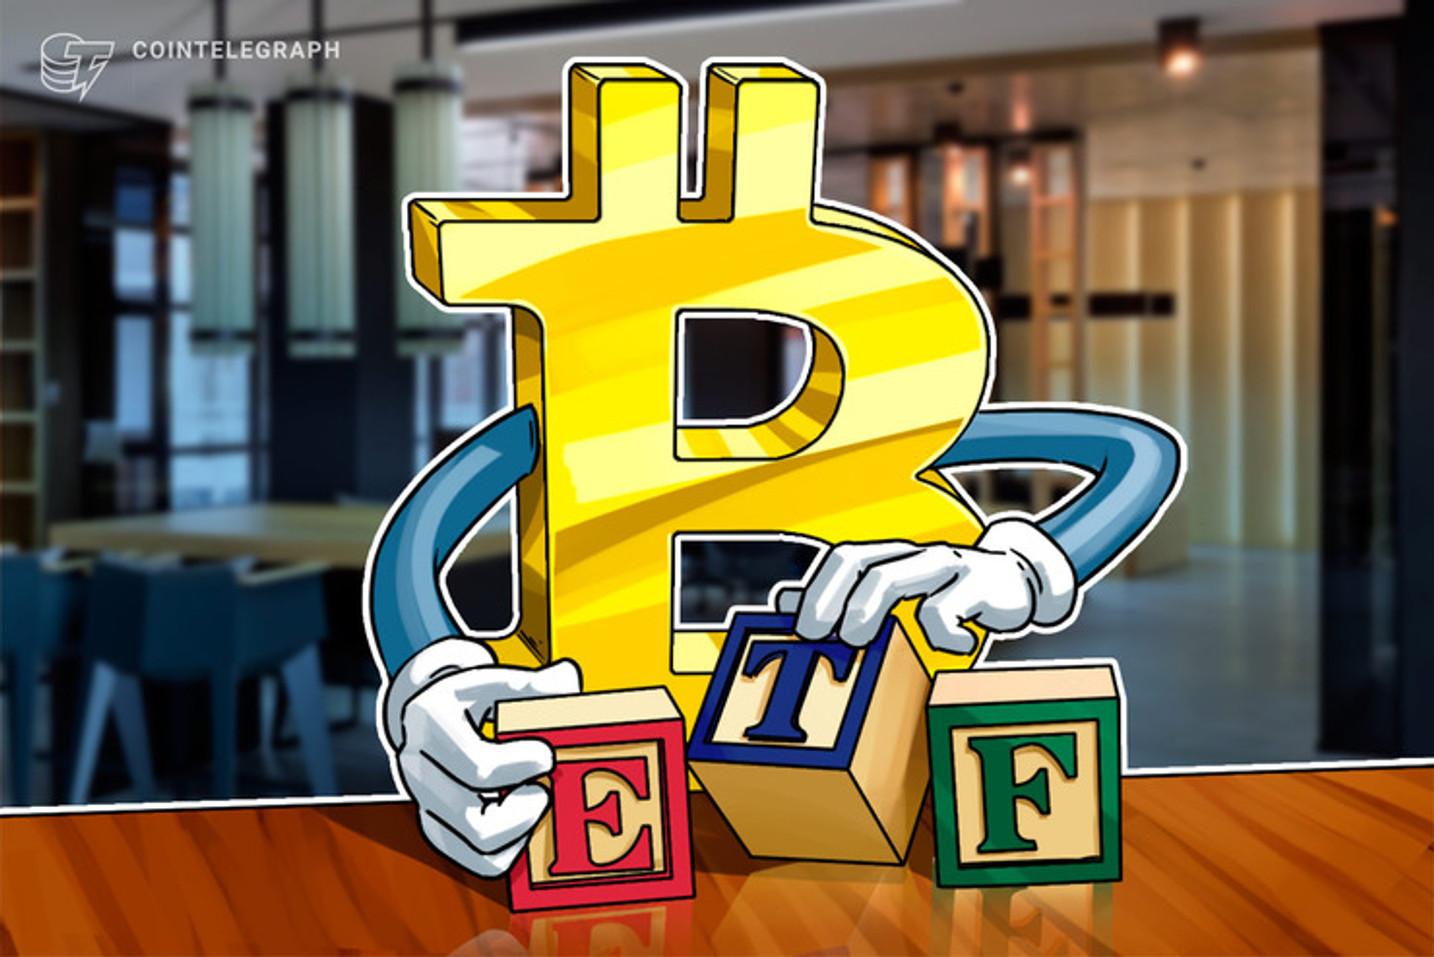 Bitcoin excede 462 veces el volumen promedio de transacciones de Visa